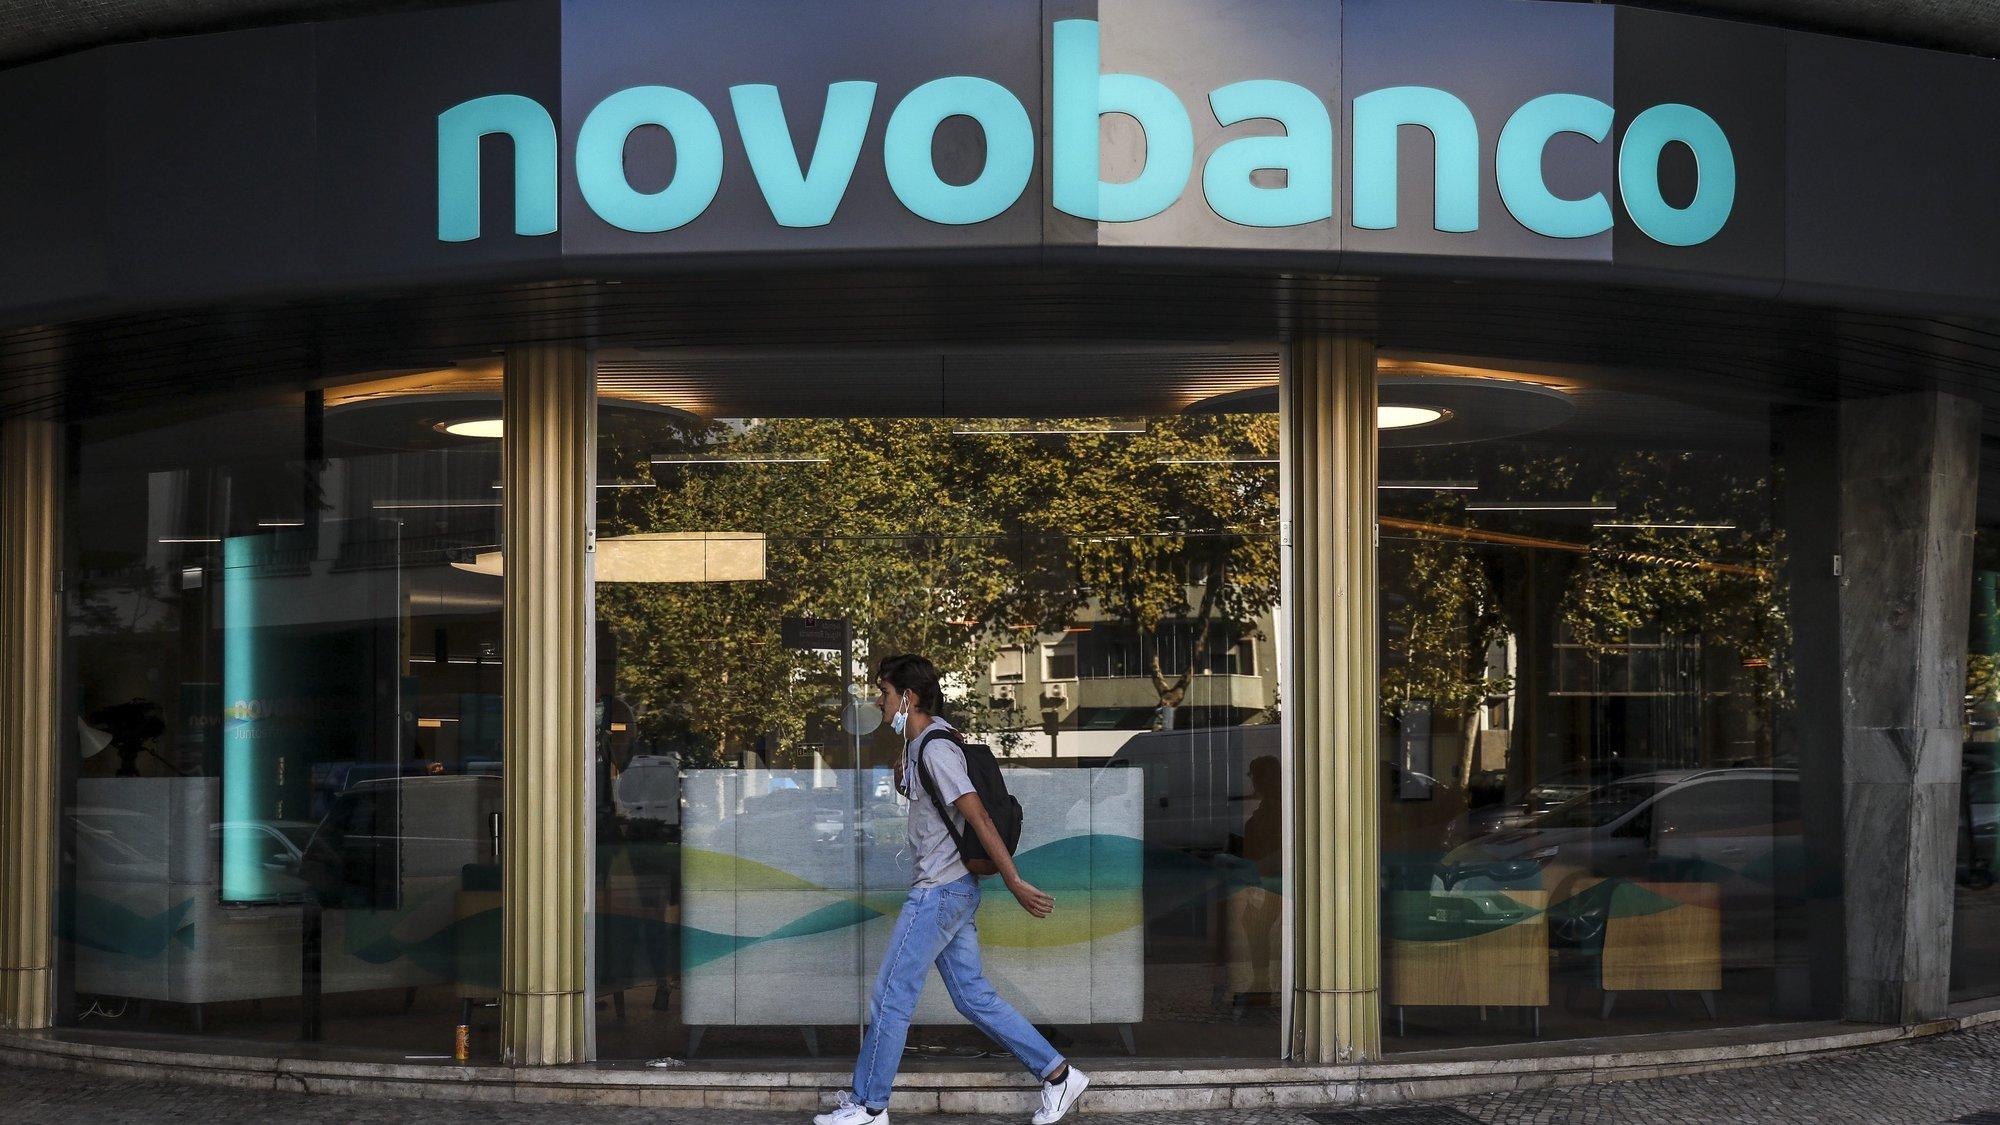 Nova imagem de marca do Novo Banco, em Lisboa, 25 de outubro de 2021. RODRIGO ANTUNES/LUSA